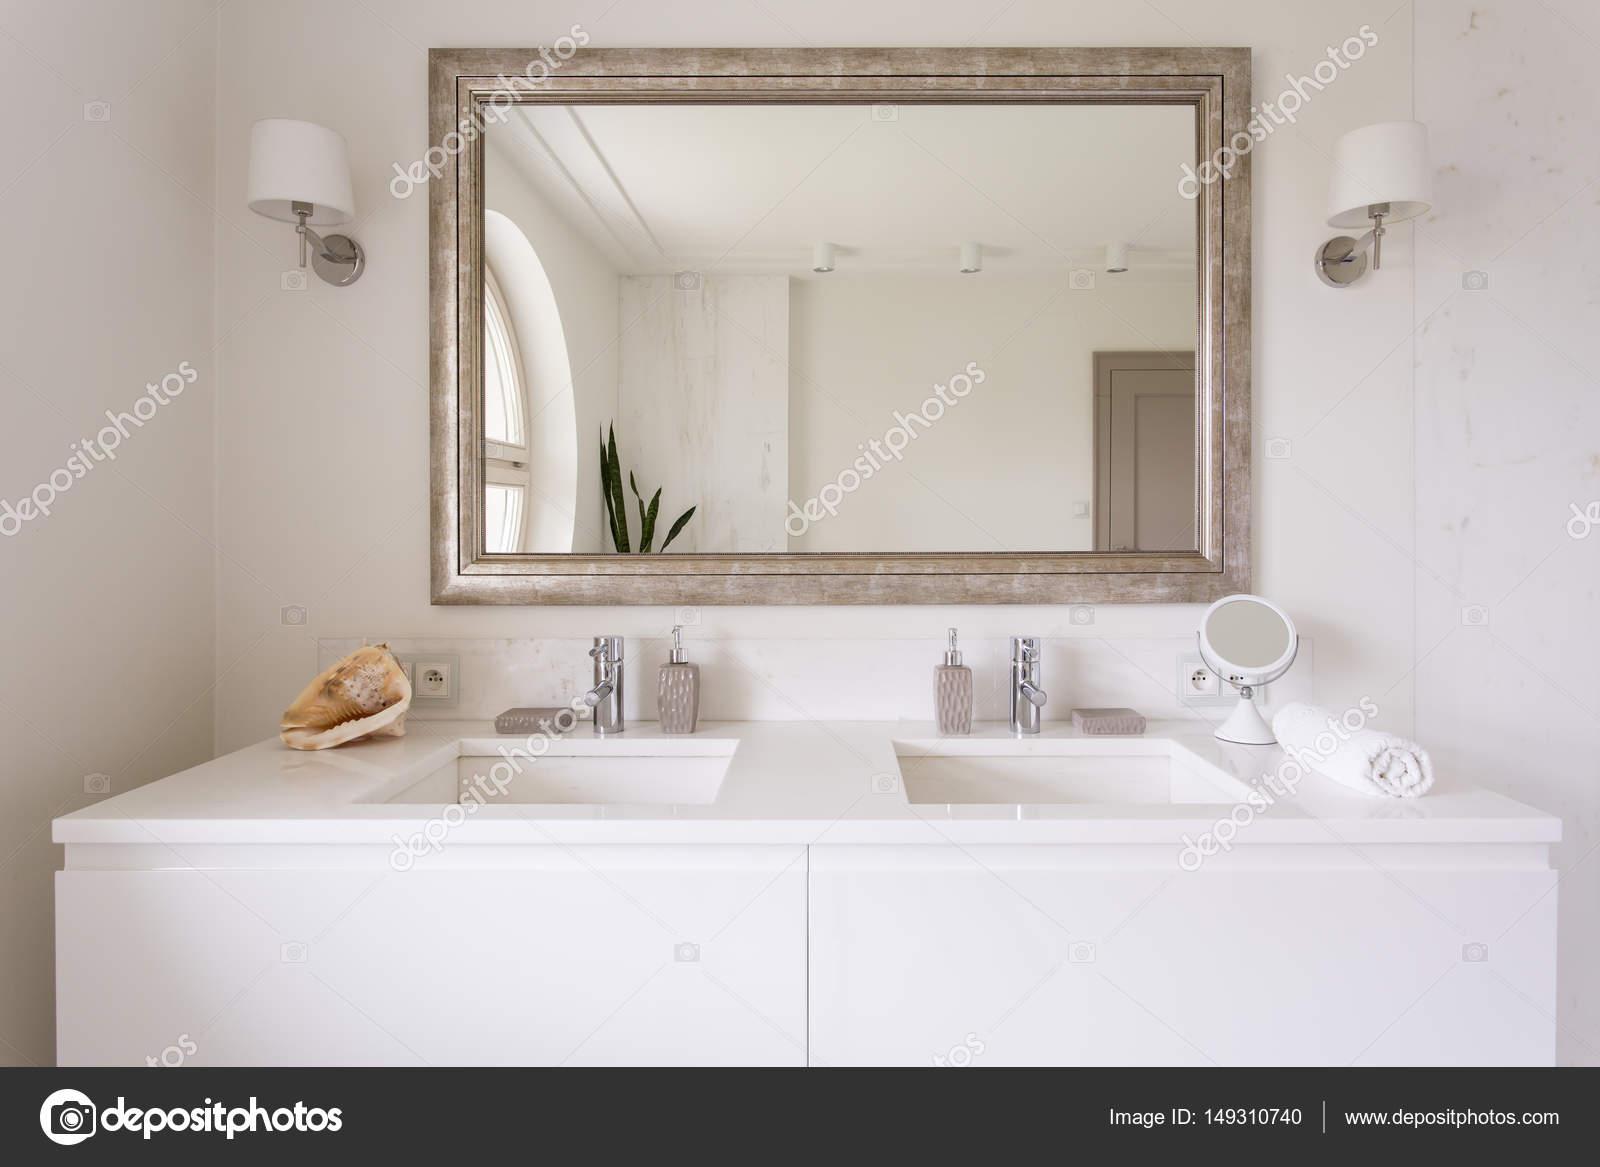 dessus de vanite blanche avec deux eviers photo